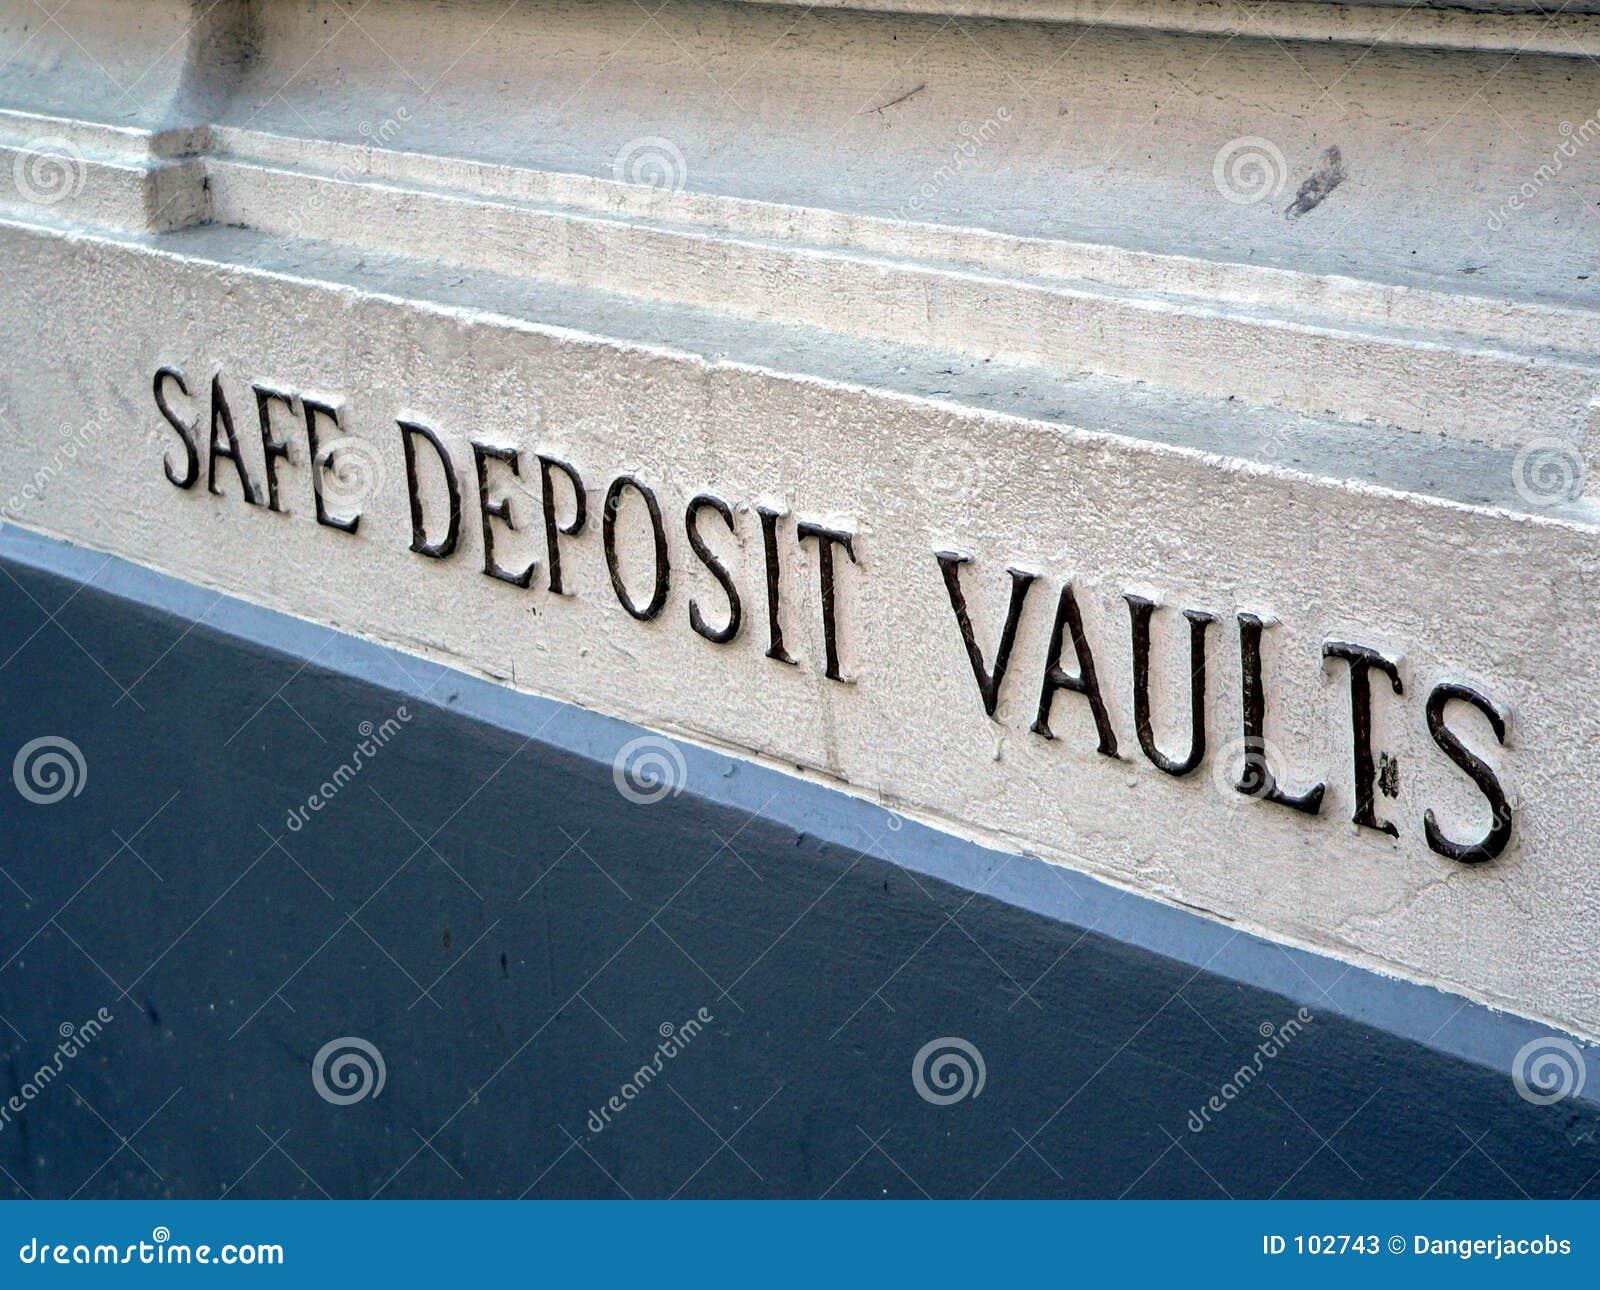 Safe Deposit Vaults sign on bank